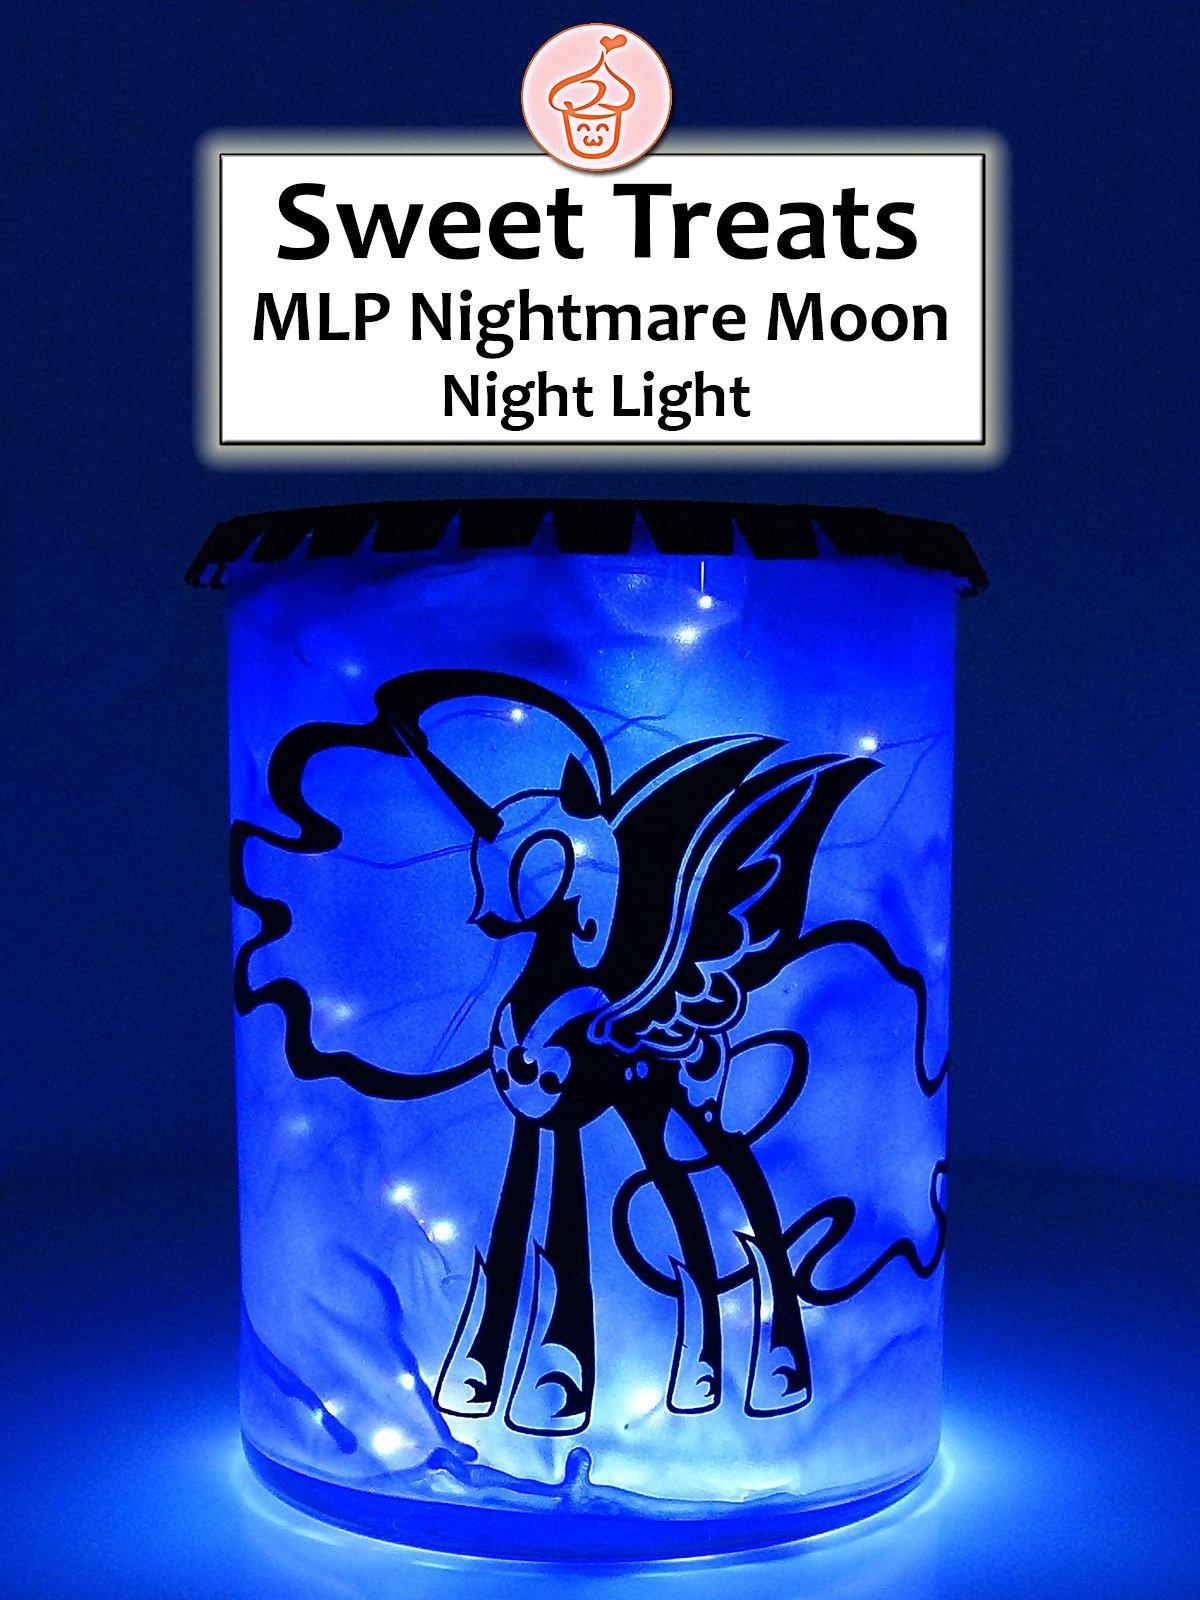 Sweet Treats: MLP Nightmare Moon Night Light on Amazon Prime Video UK